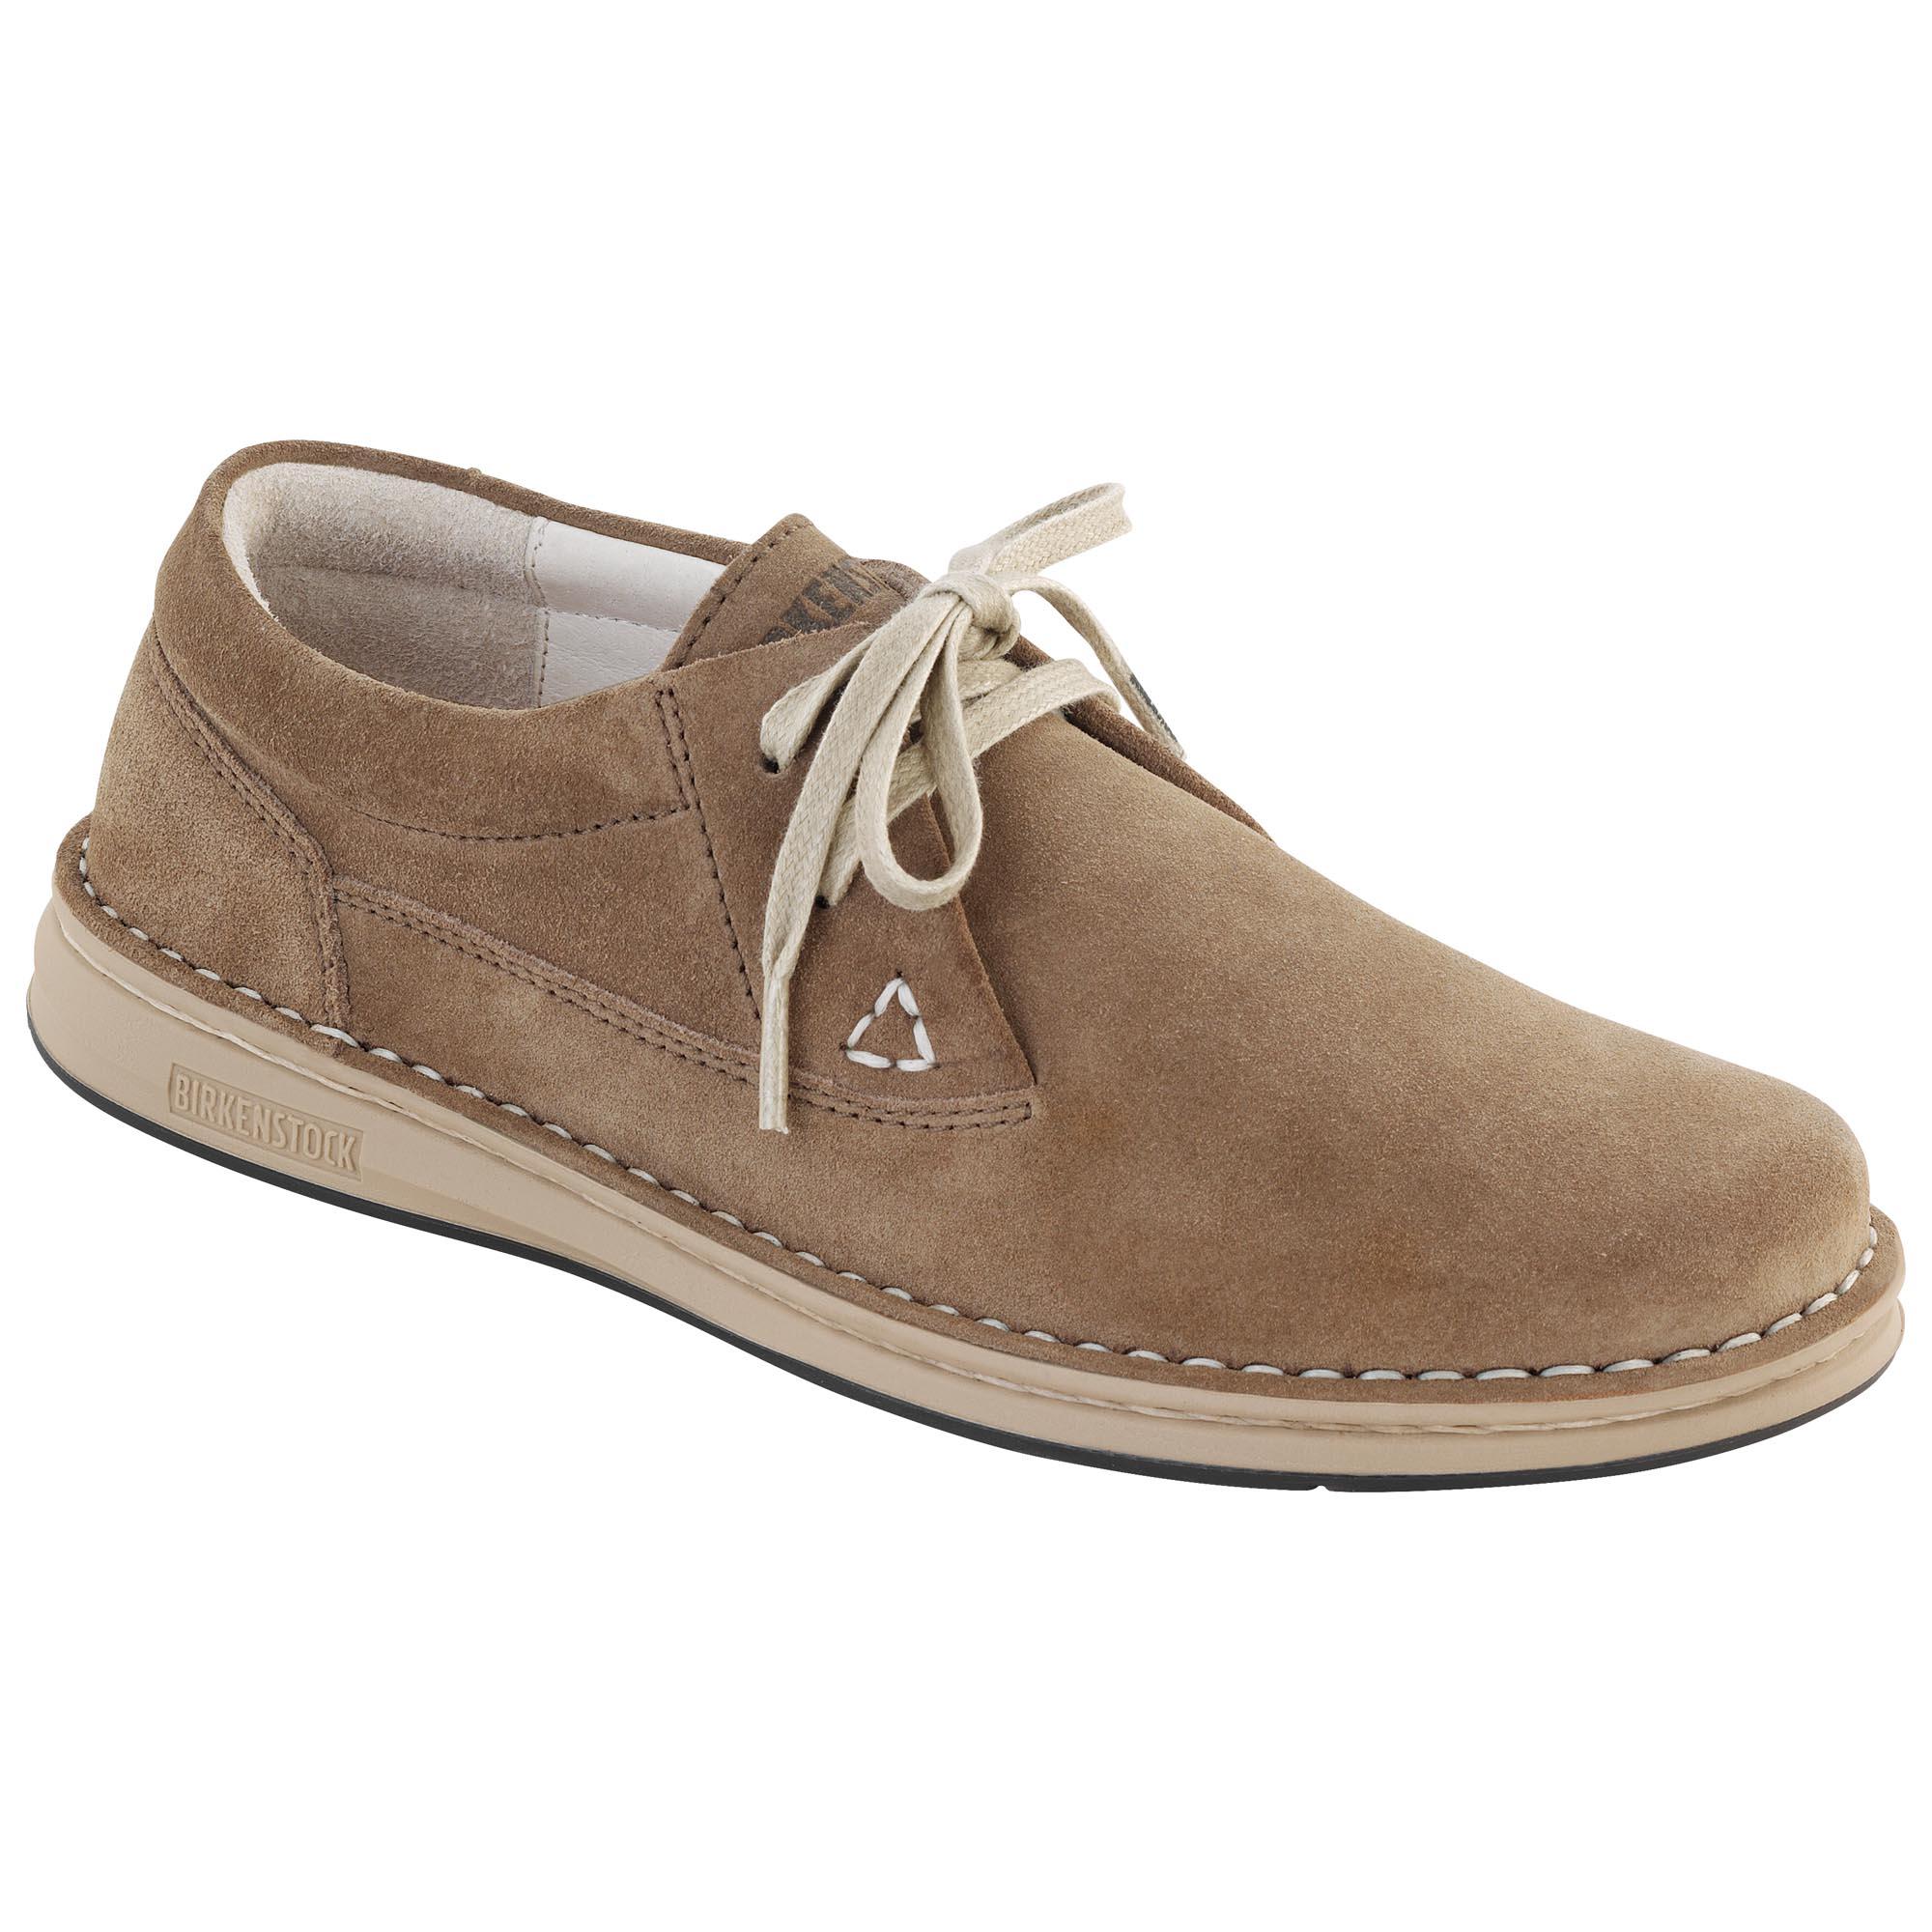 40d691d4ddad Memphis Suede Leather